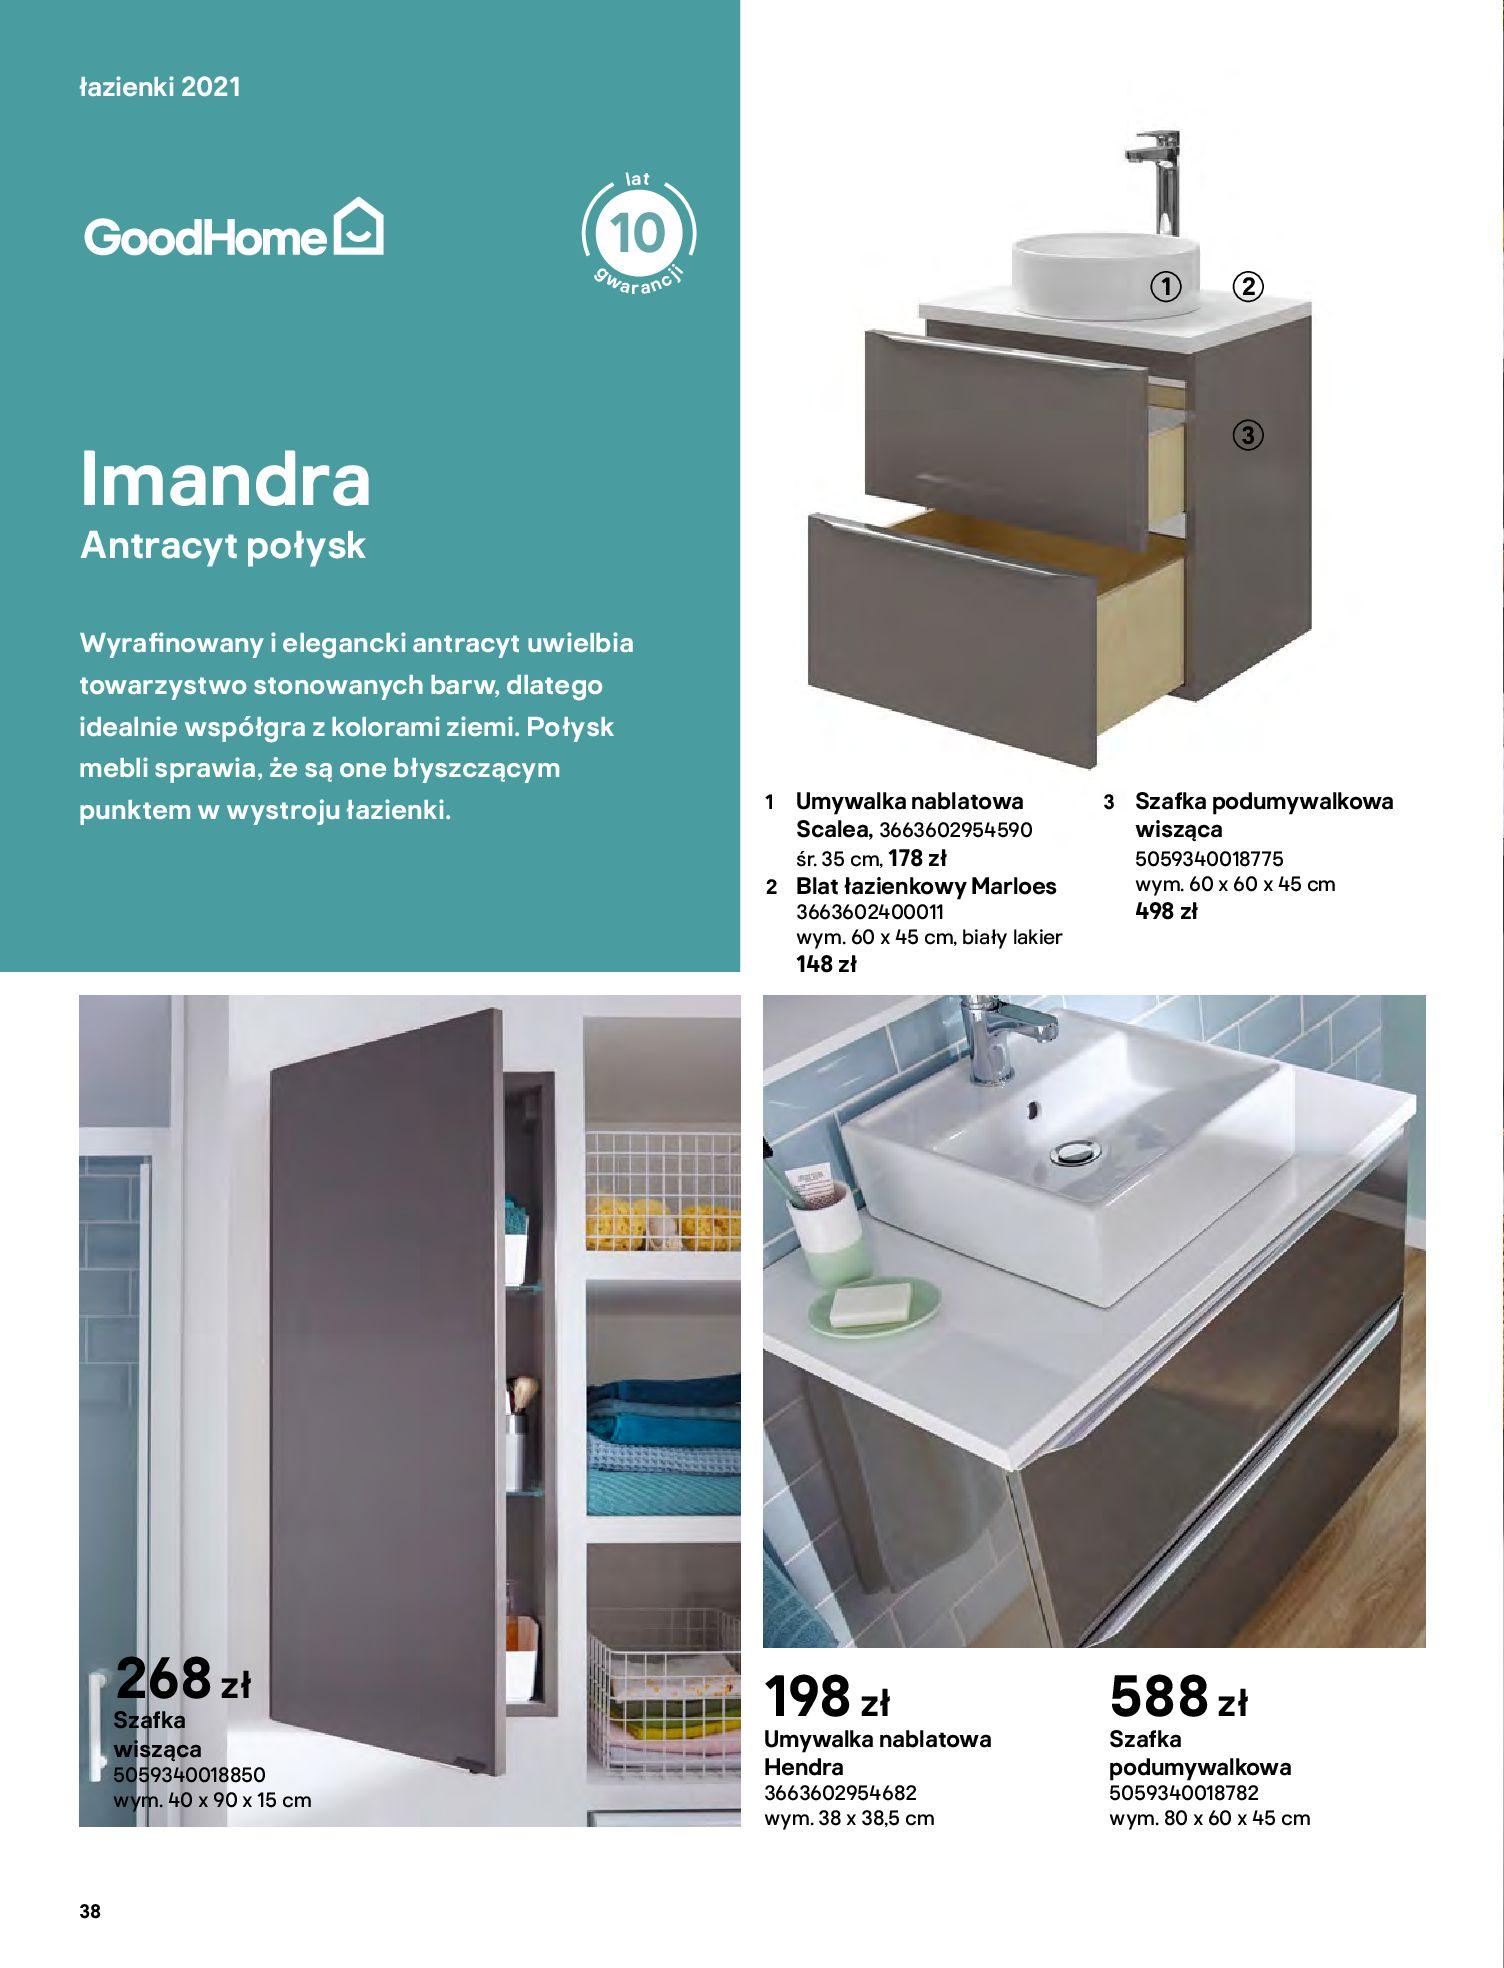 Gazetka Castorama: Gazetka Castorama - katalog łazienki 2021 2021-06-16 page-38